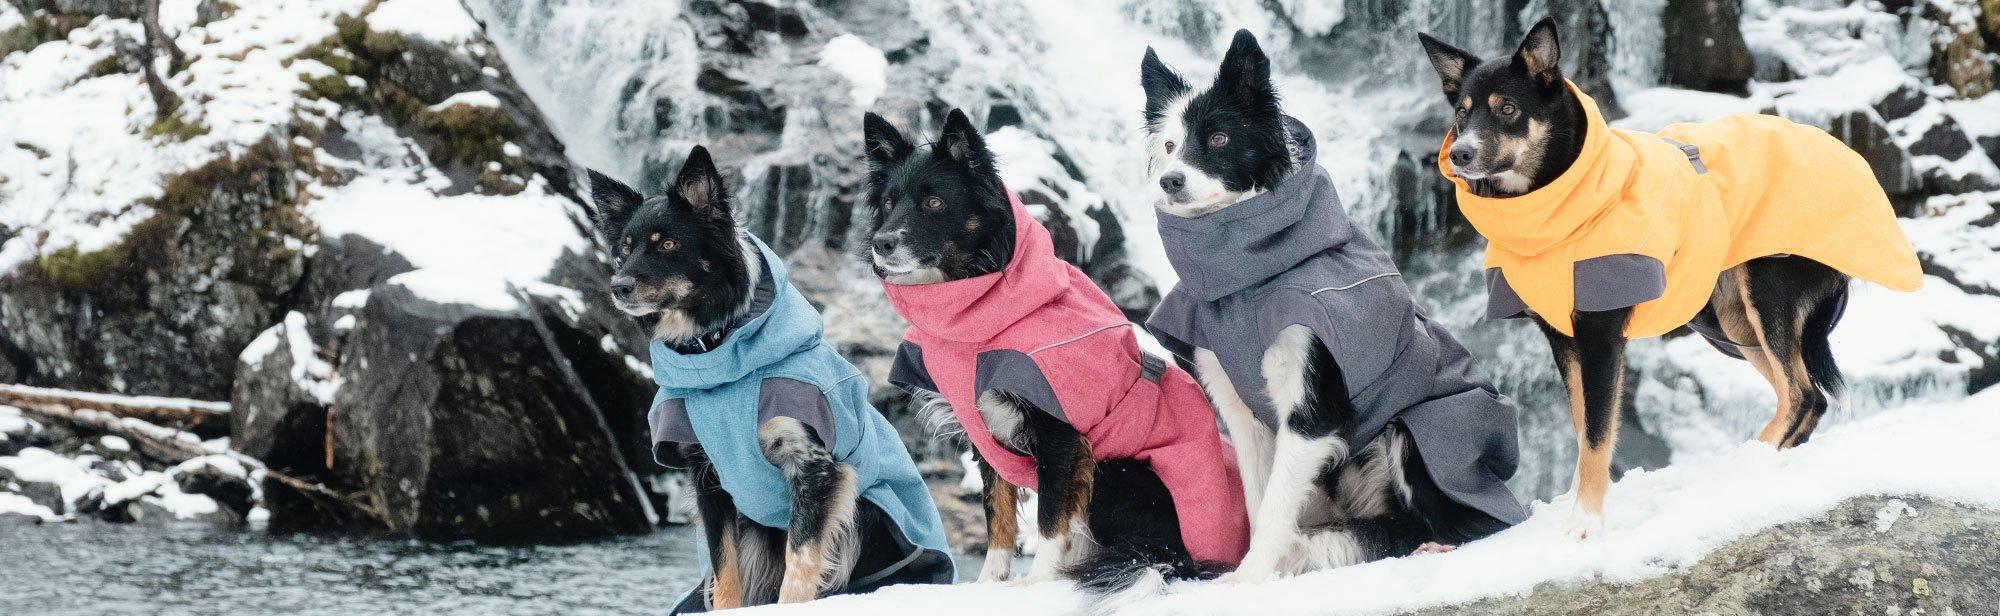 Hundemantel und Hundebekleidung günstig kaufen